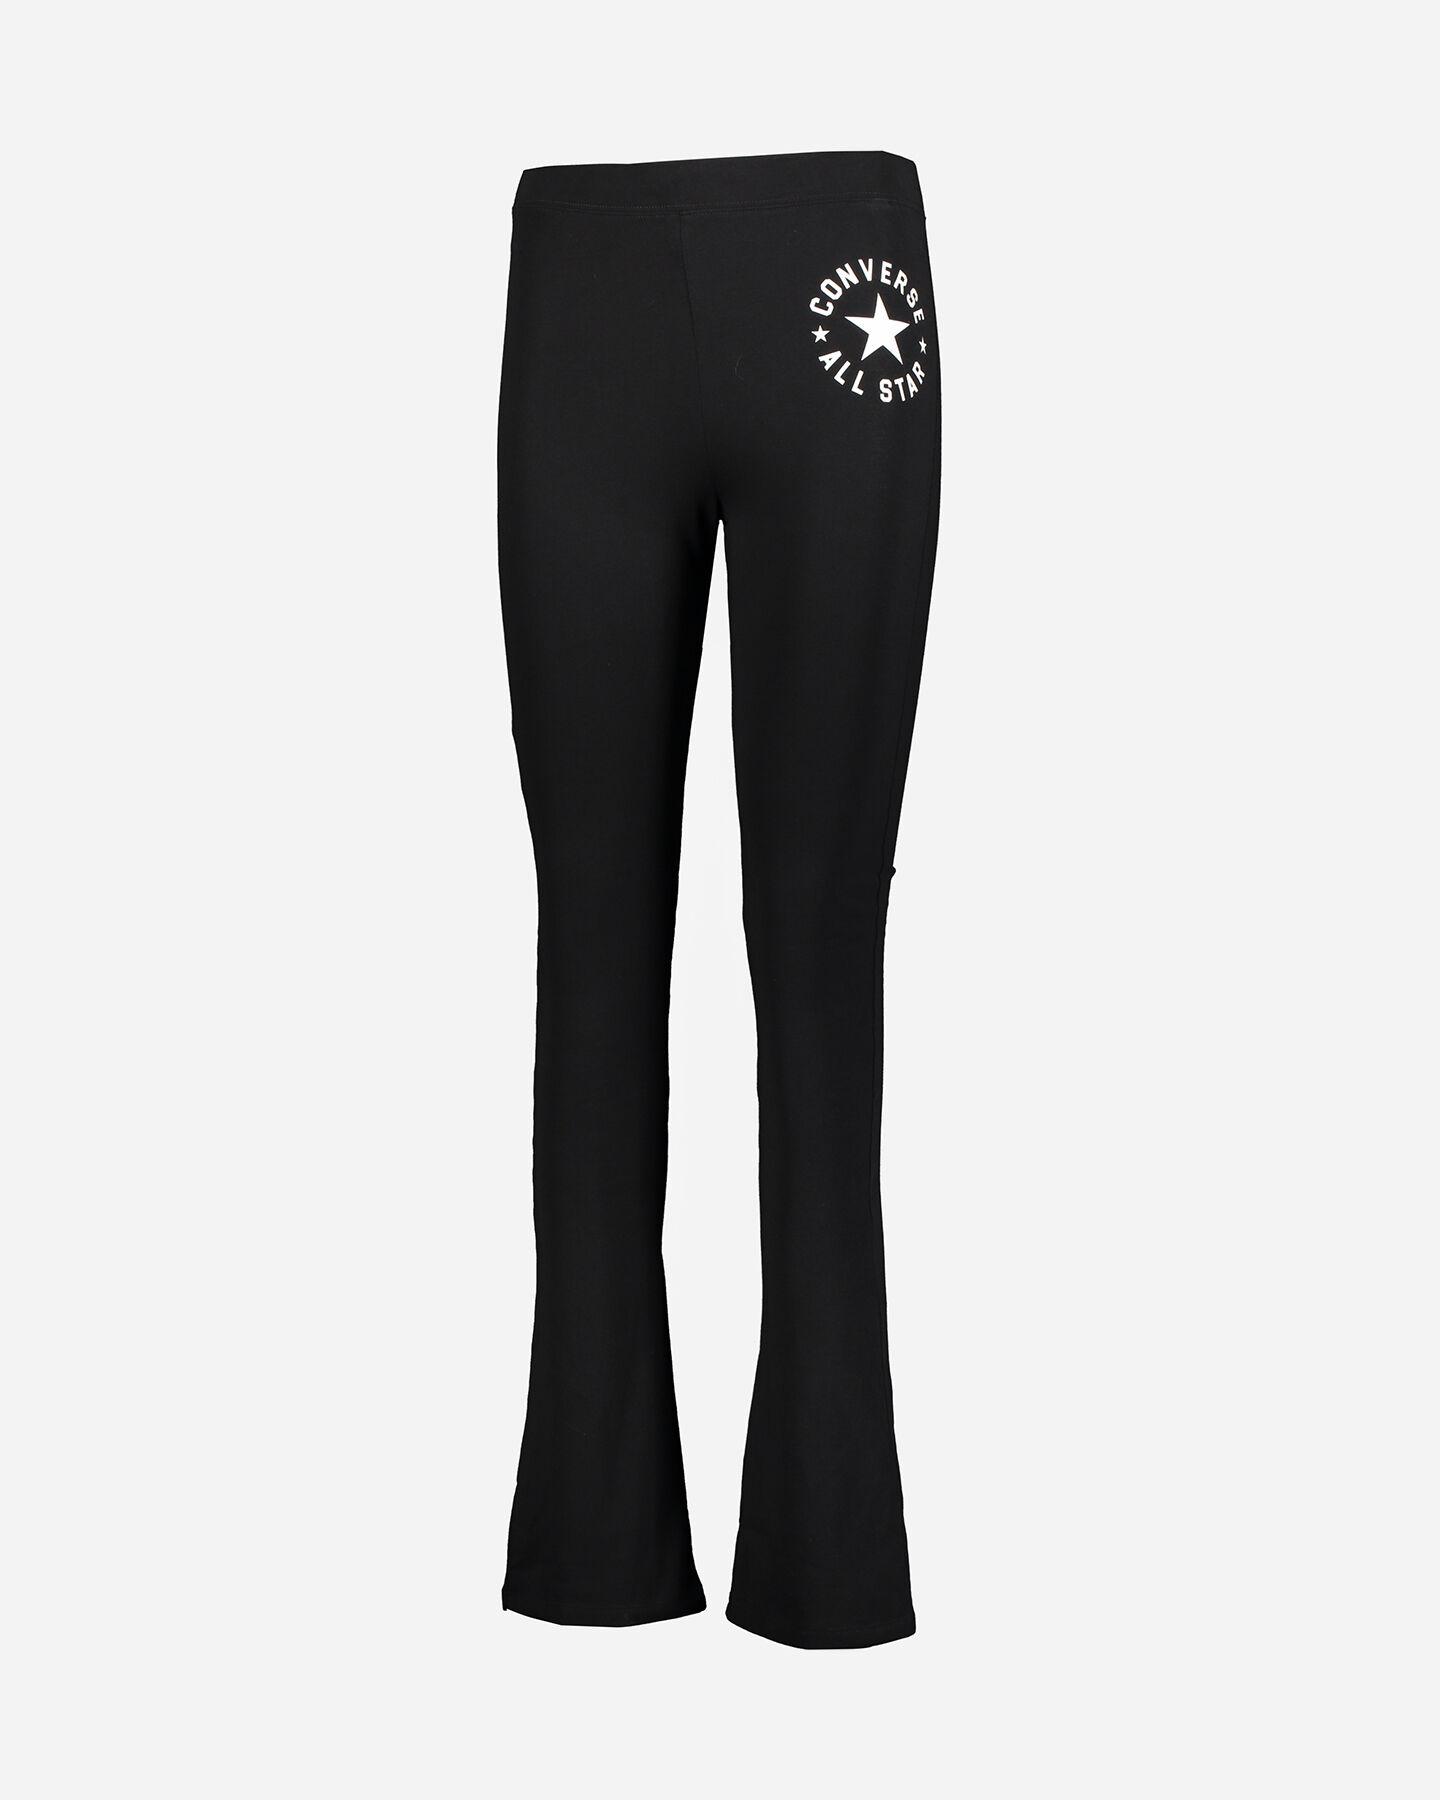 Jeans CONVERSE LOGO CLASSIC W S5181162 scatto 0